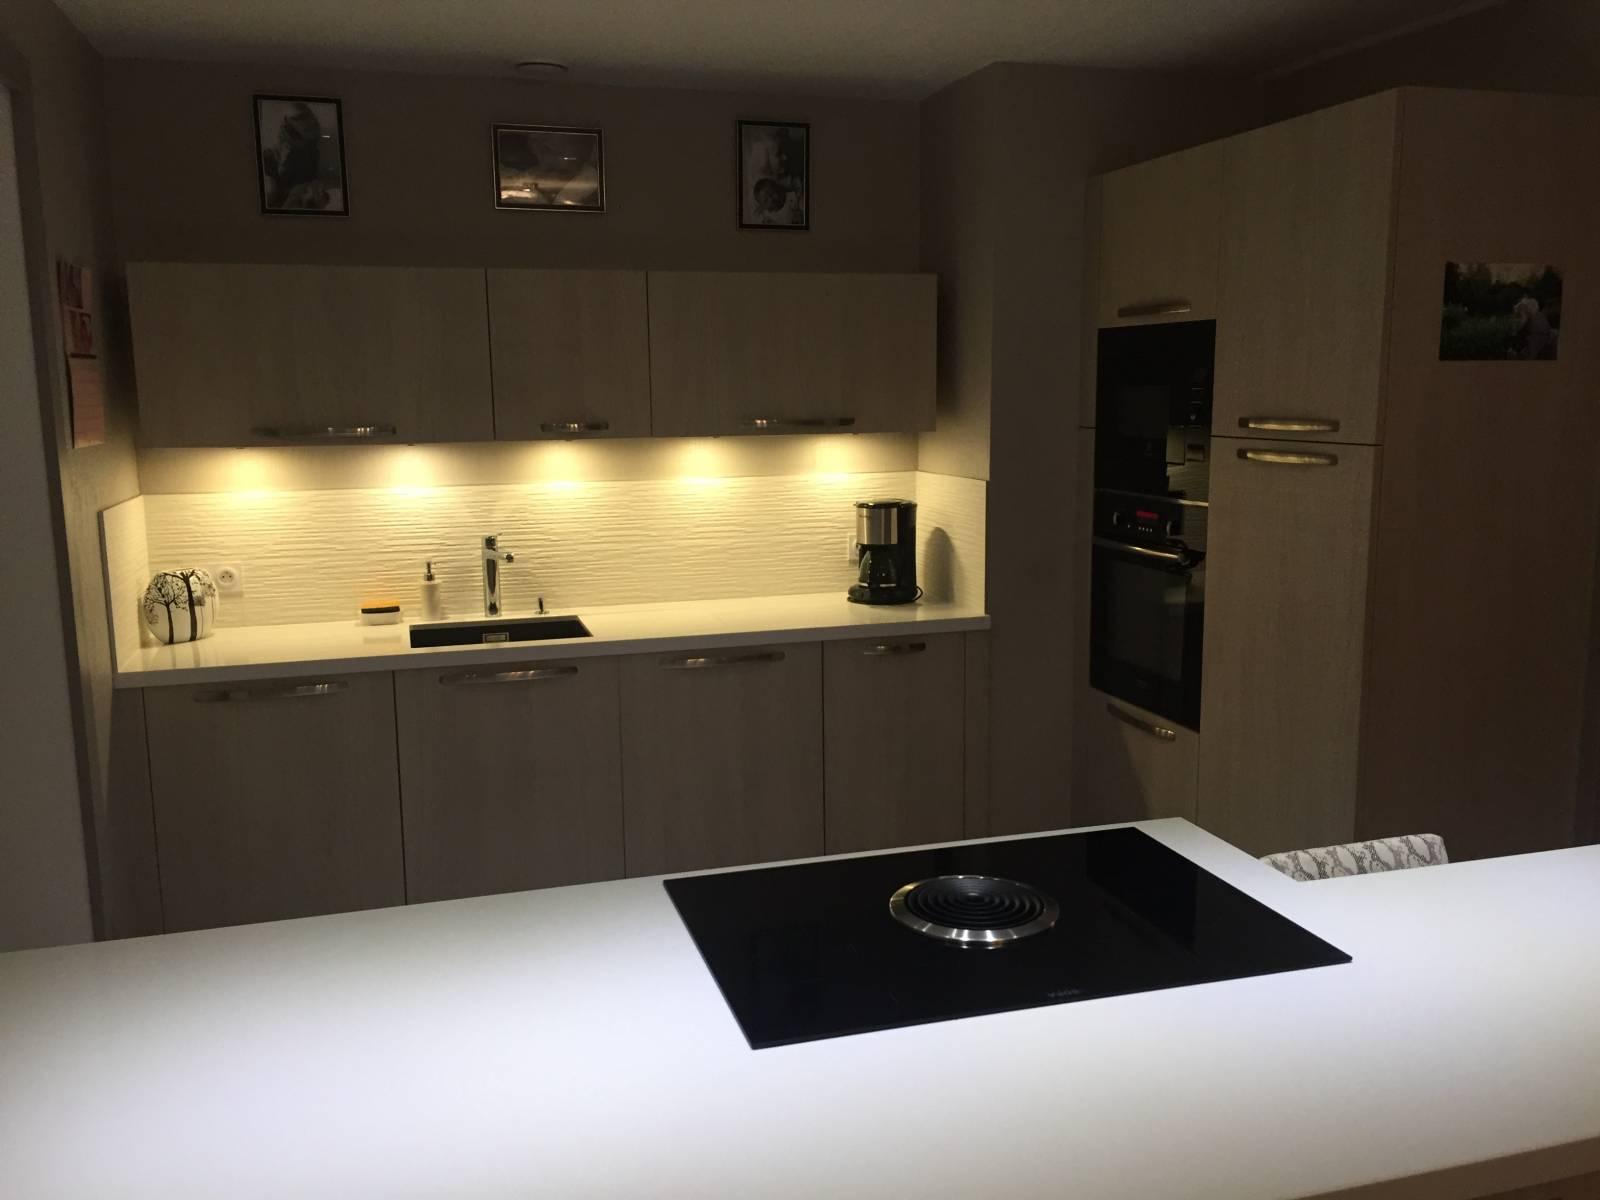 trouver un installateur de cuisine am nag e avec pi le havre odyss e. Black Bedroom Furniture Sets. Home Design Ideas